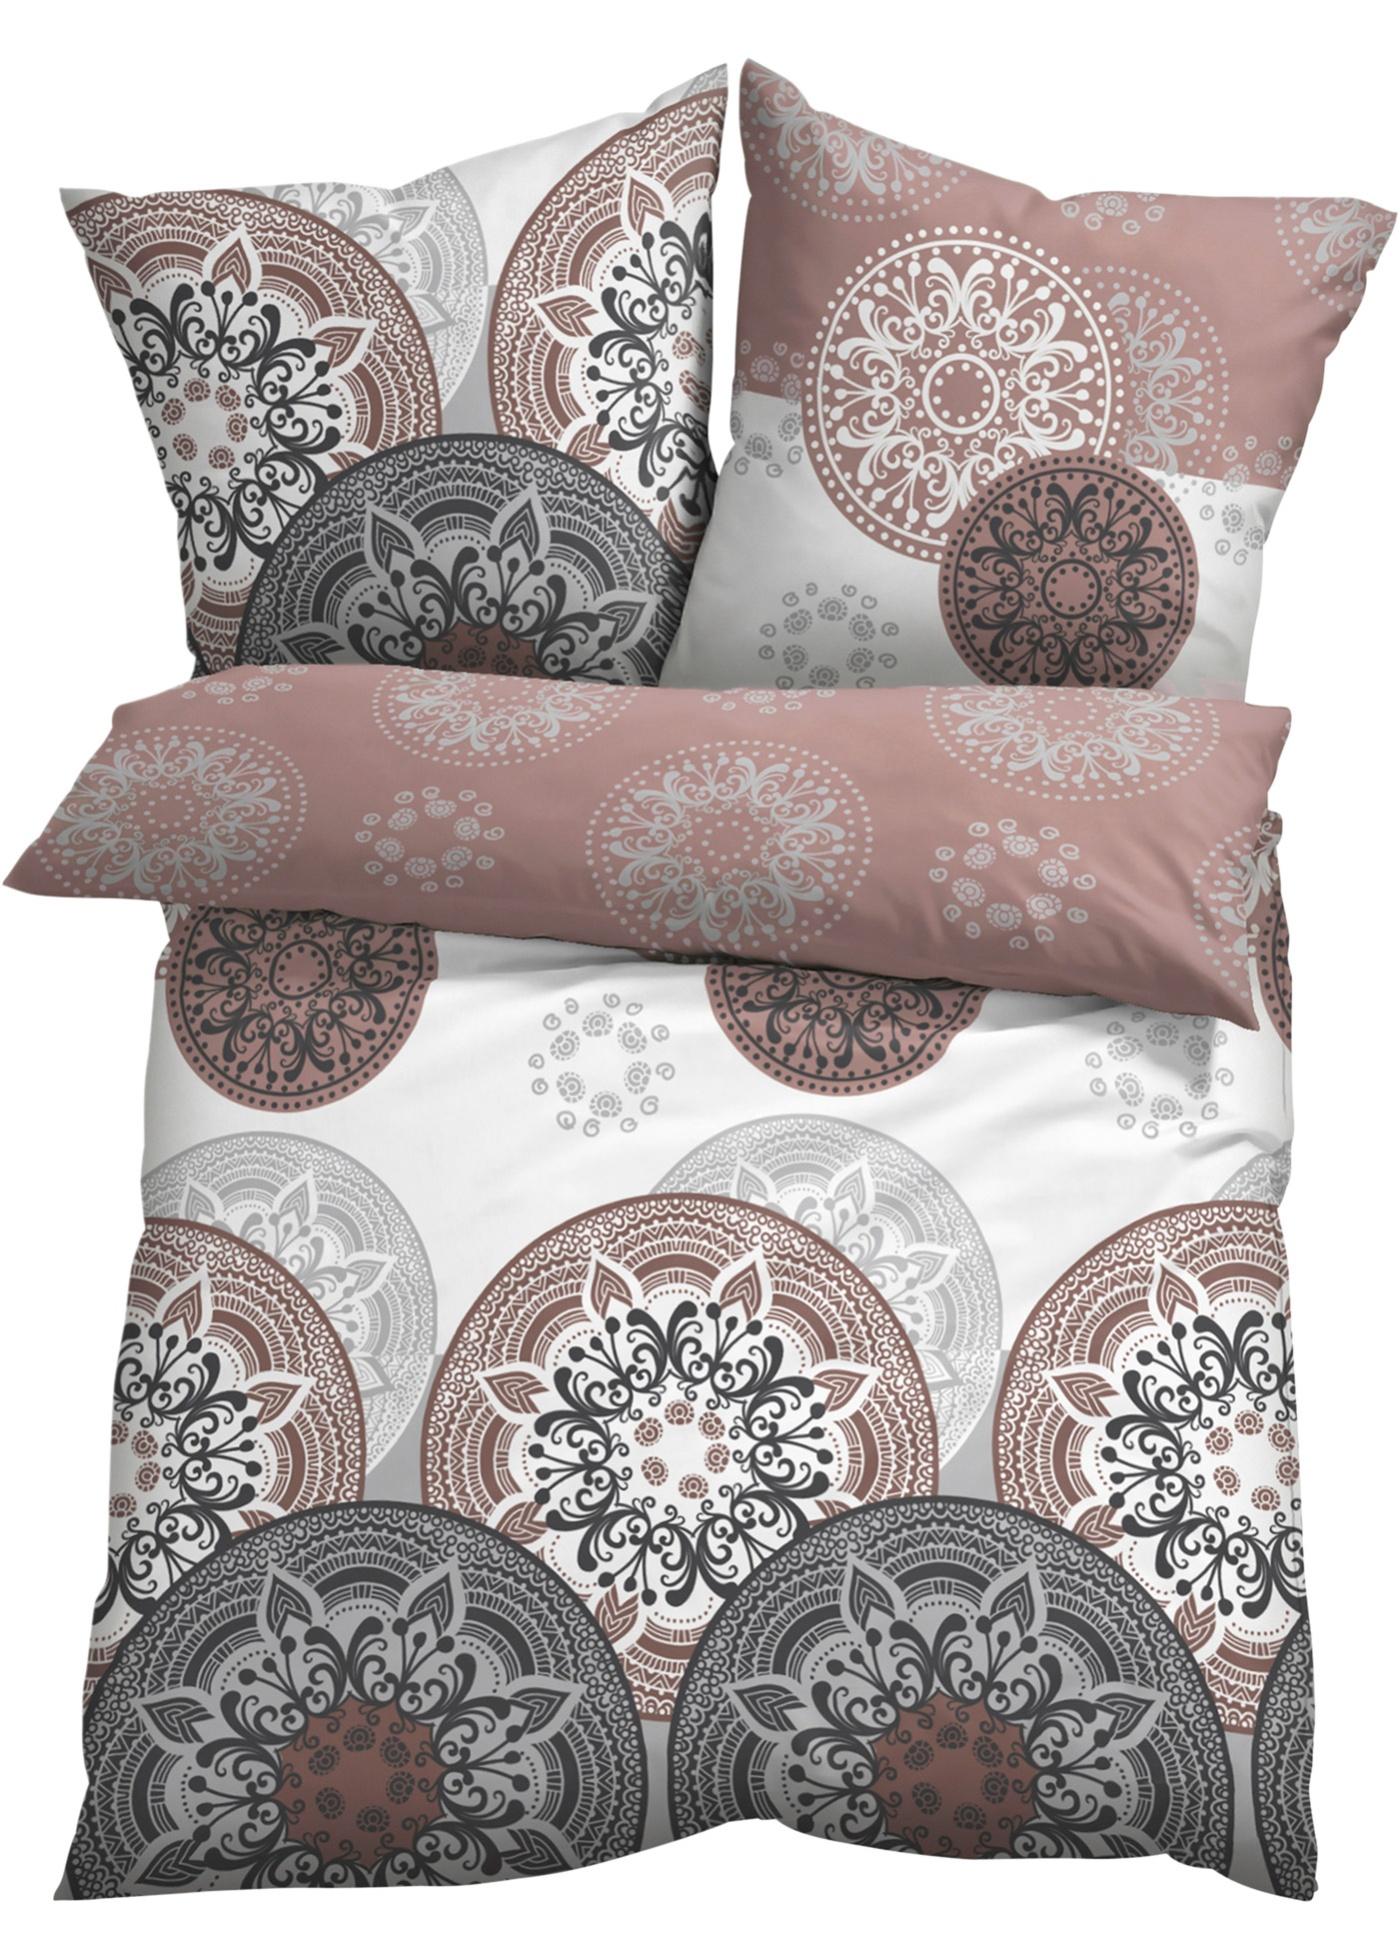 Parure de lit élégante avec des jolis motifs graphiques dans des tonalités harmonieuses. Différentes matières au choix.